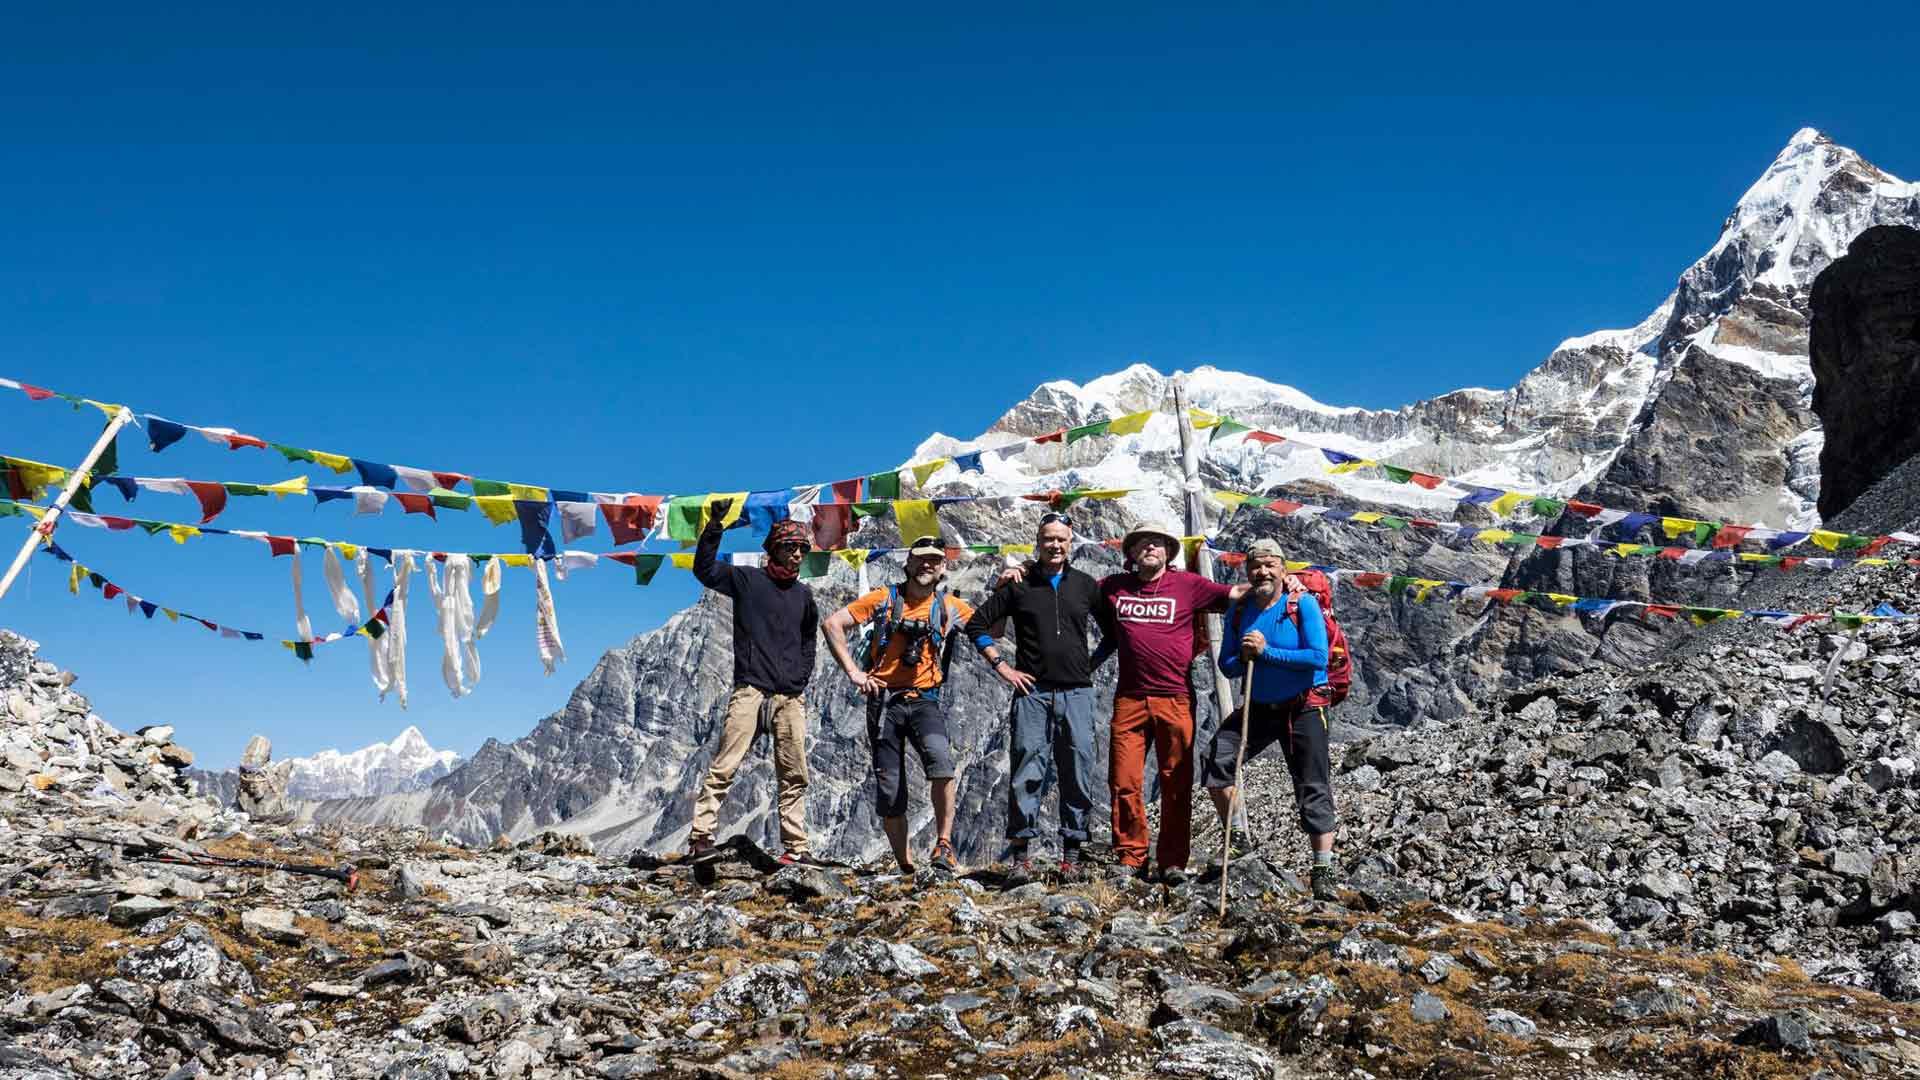 Vuoden 2017 vaelluksen ensimmäinen sola 4700 metrin korkeudessa on saavutettu. Kirjoittaja toinen oikealta.